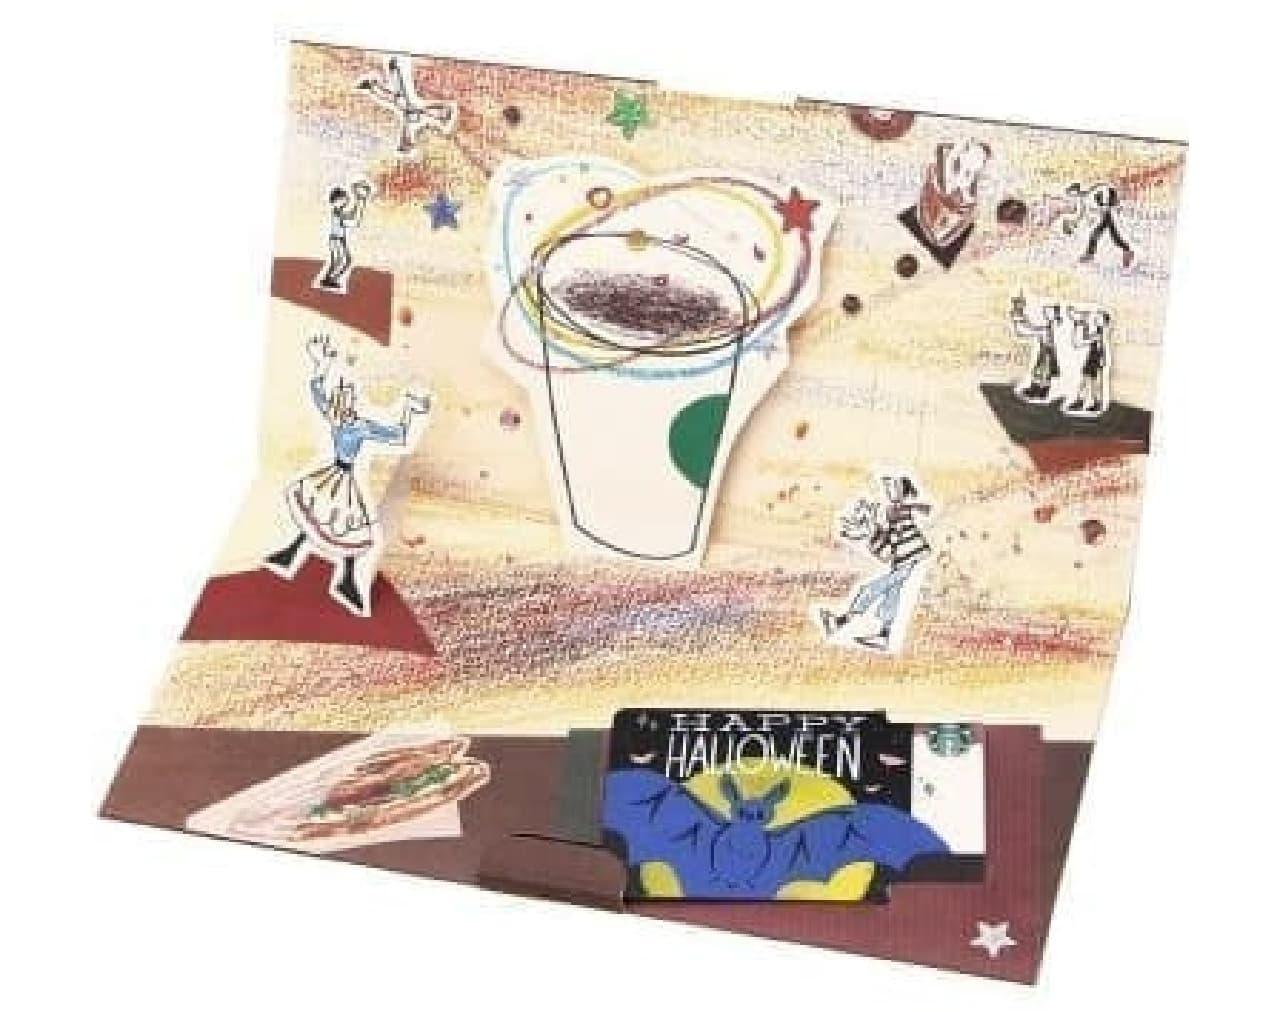 スターバックス カード ギフト コーヒーサーカス マスカレード